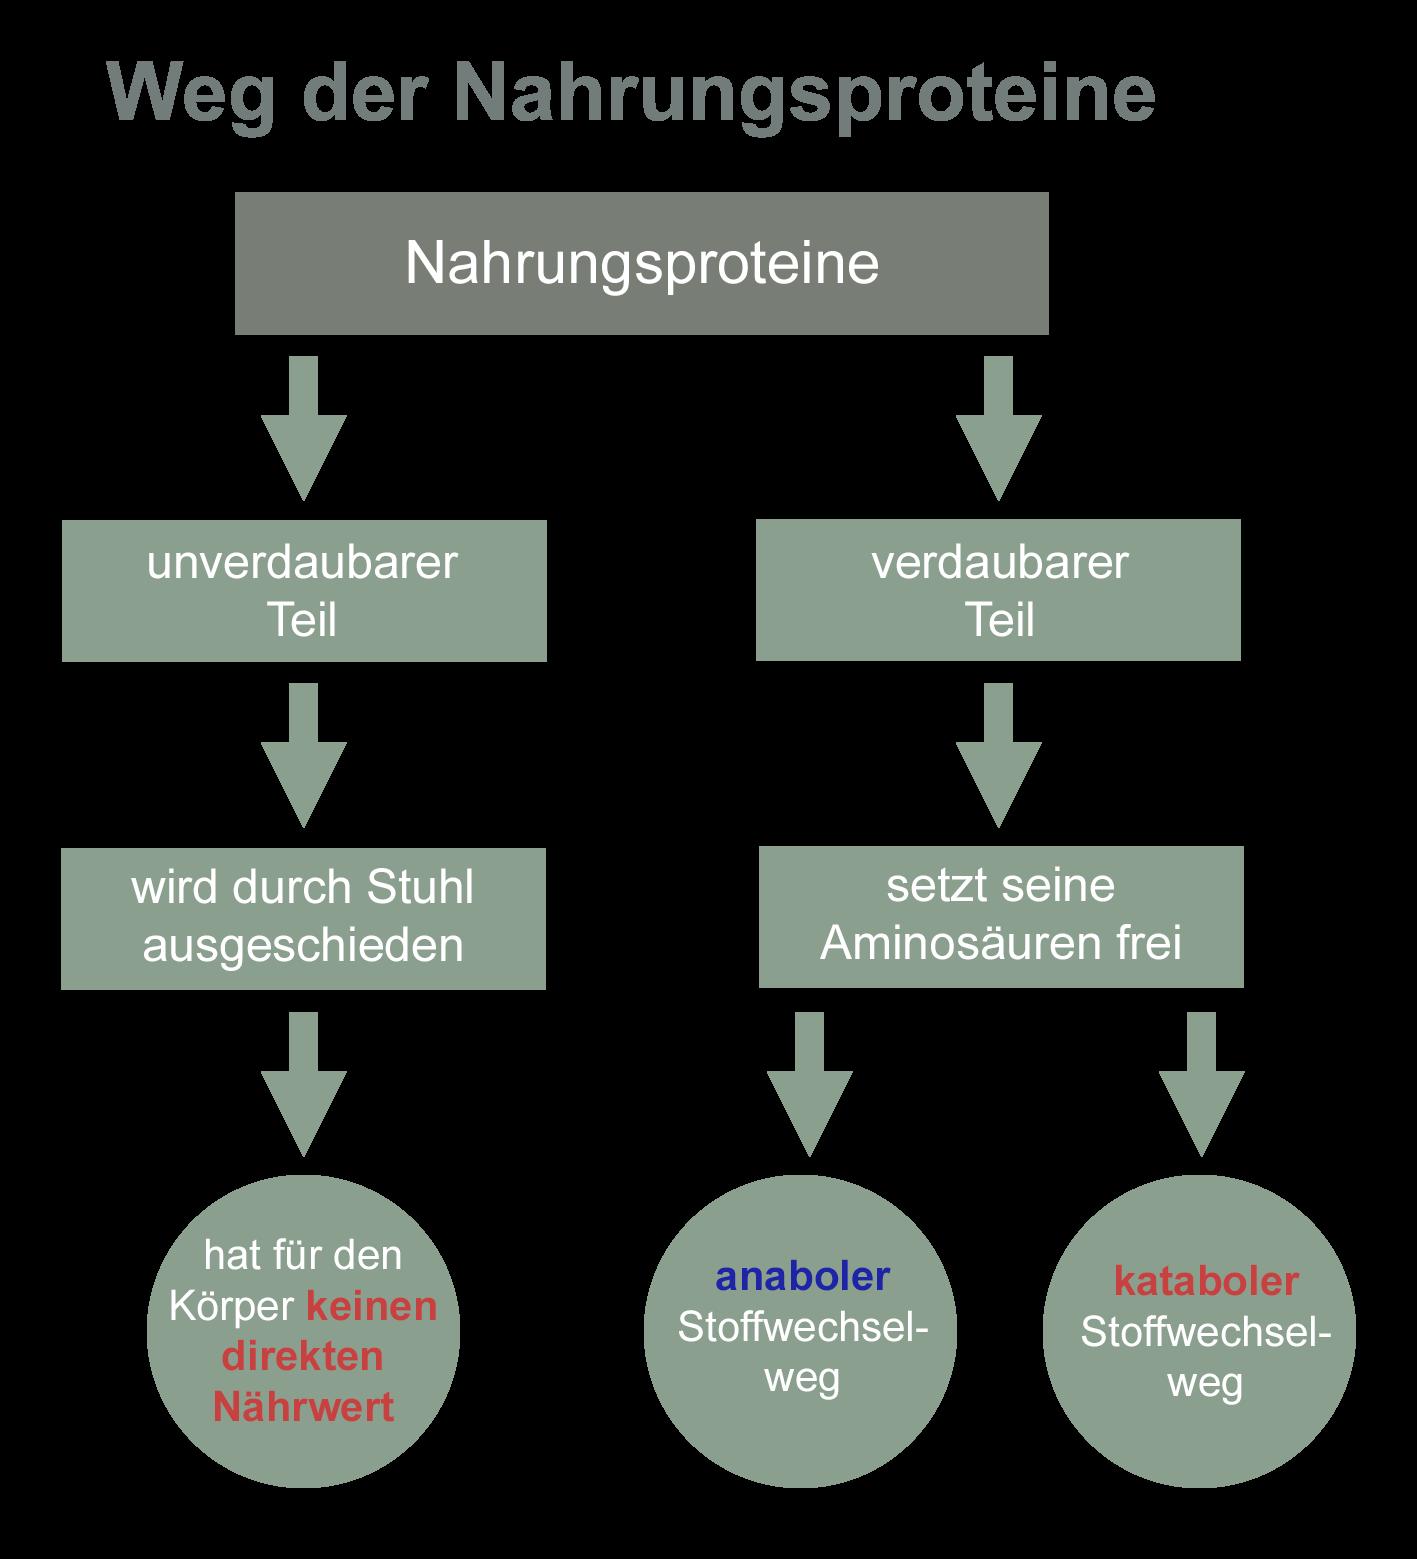 Weg der Nahrungsproteine